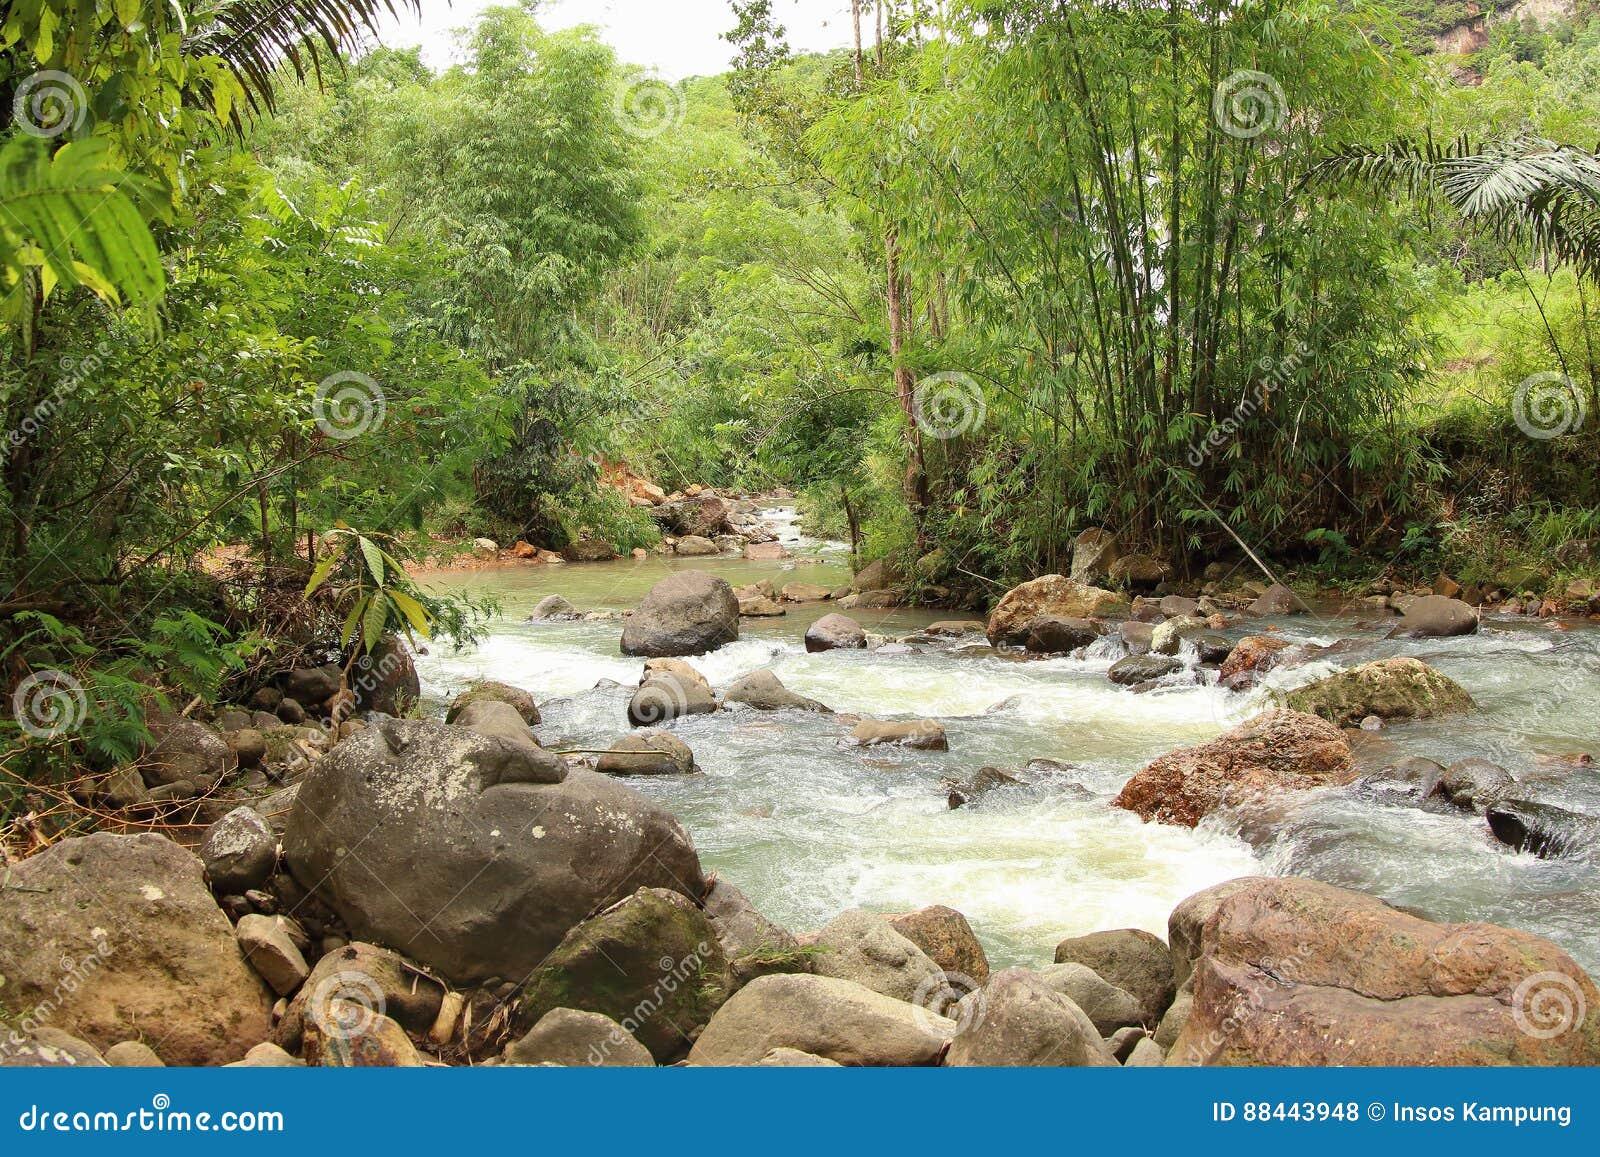 River in Labuan Bajo